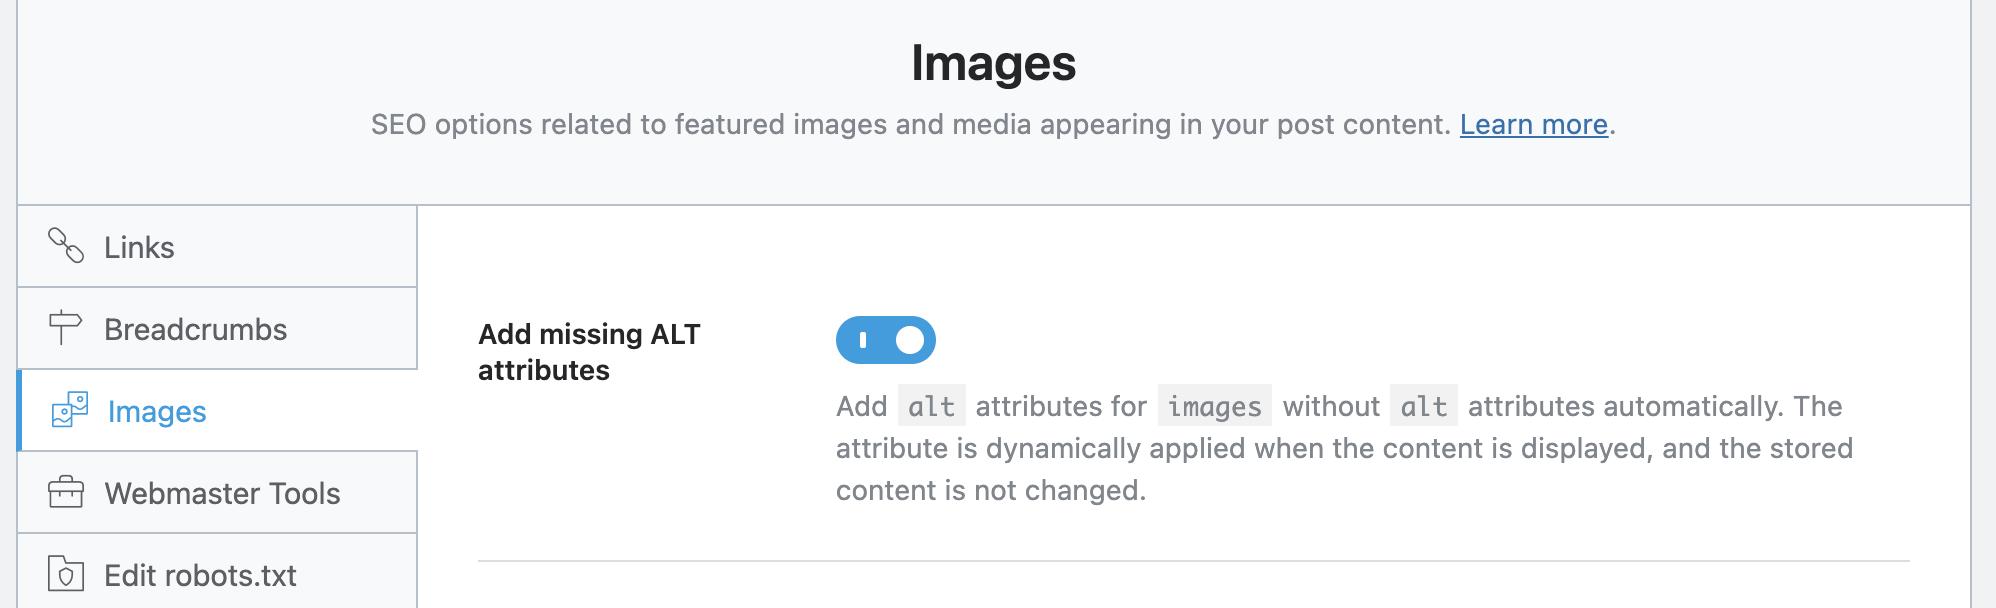 Automate Image SEO